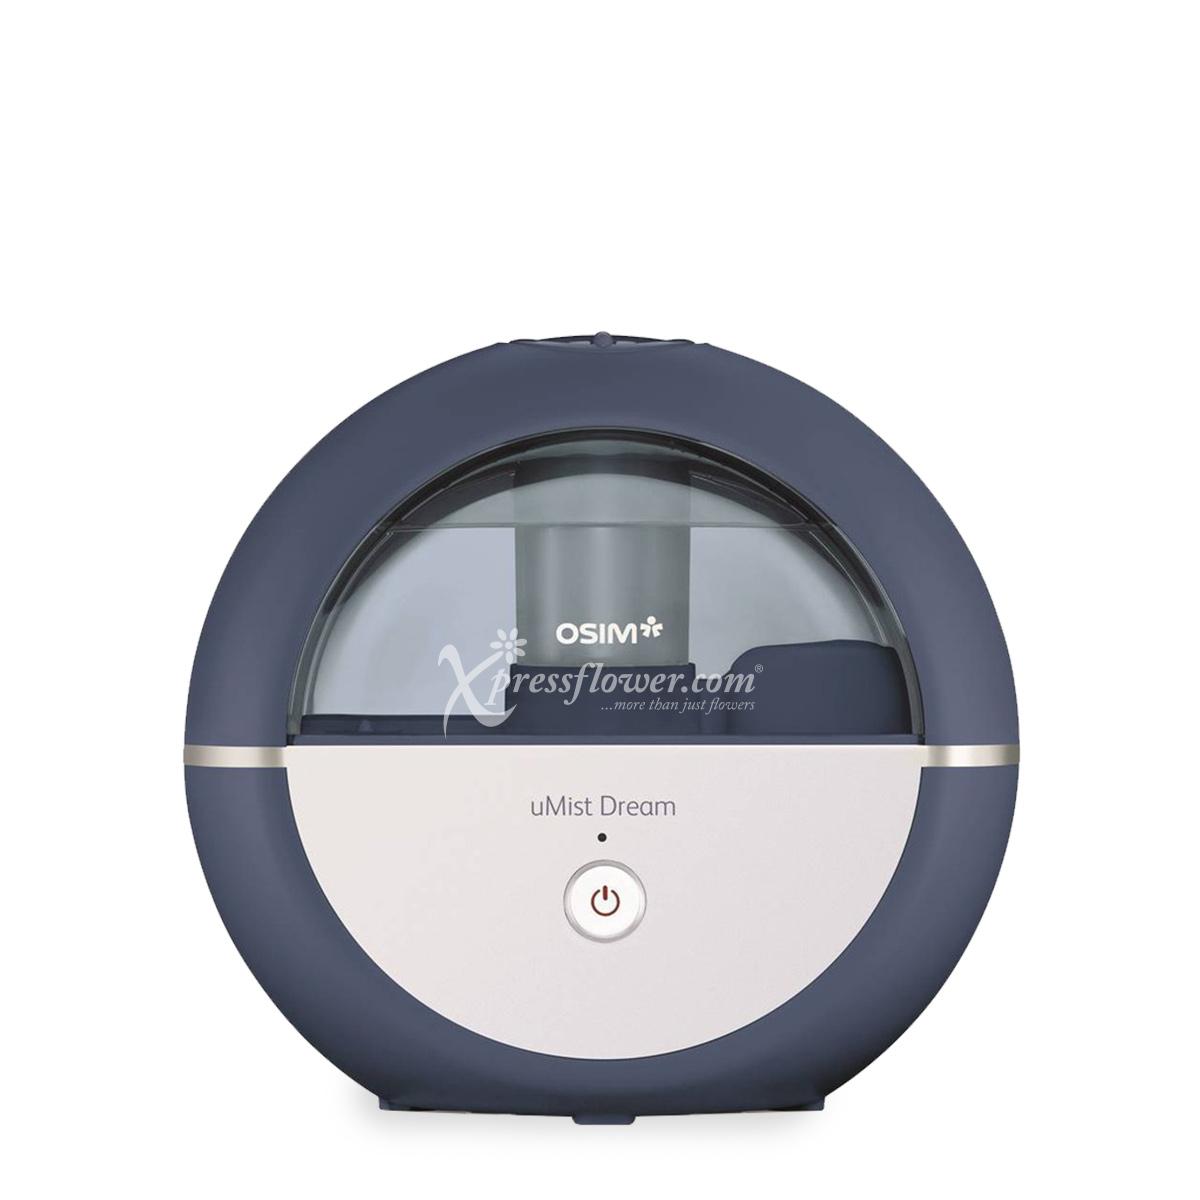 OS1804 uMist Dream Air Humidifier